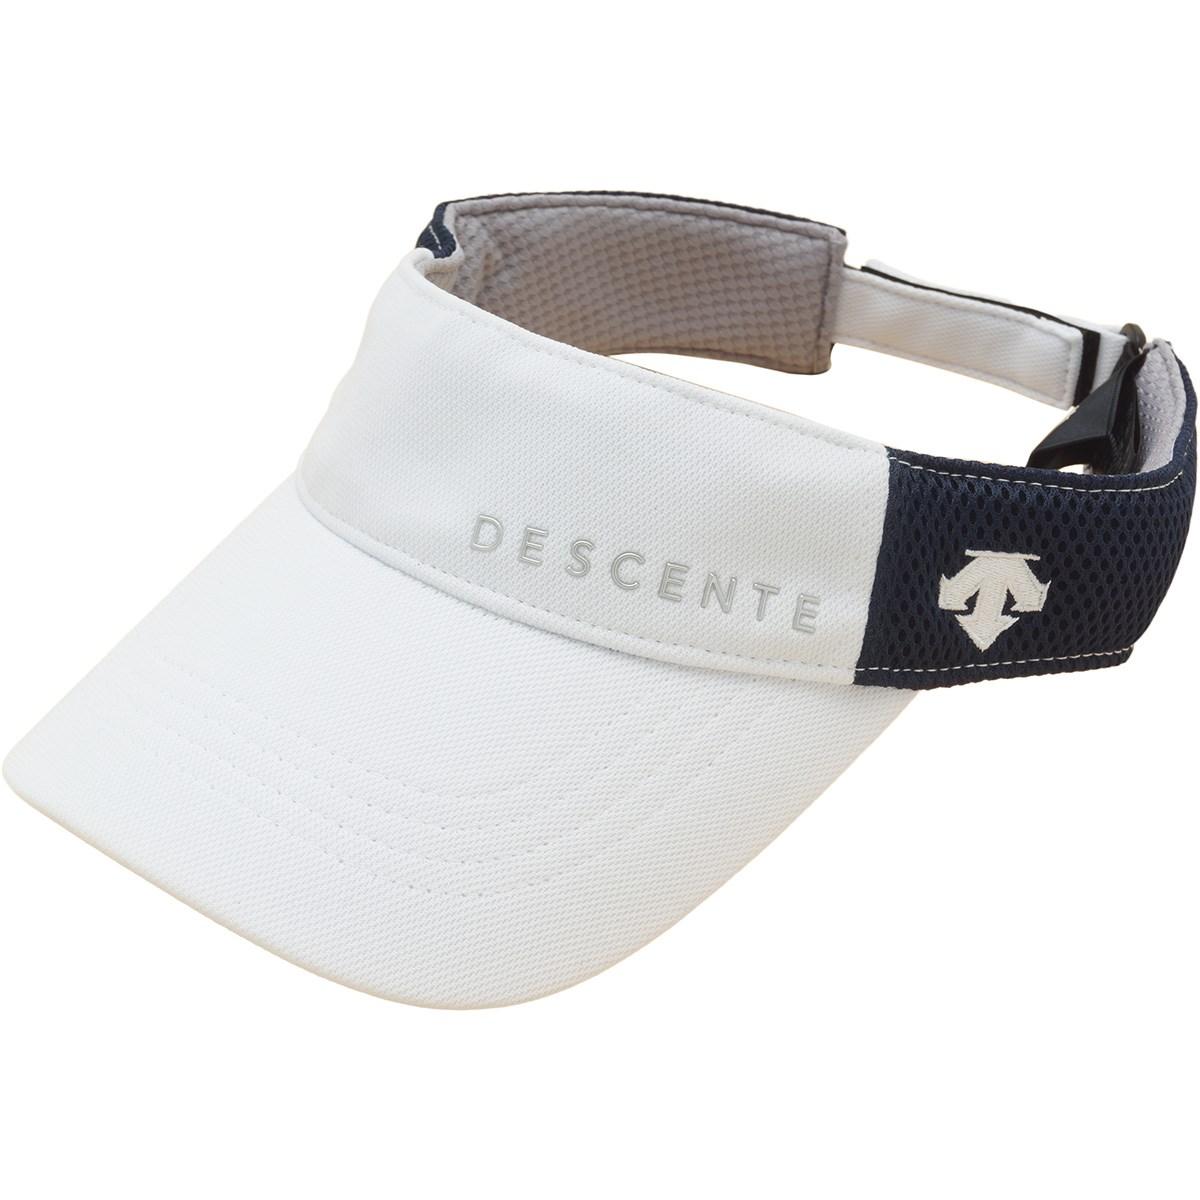 デサントゴルフ(DESCENTE GOLF) クーリングサンバイザー